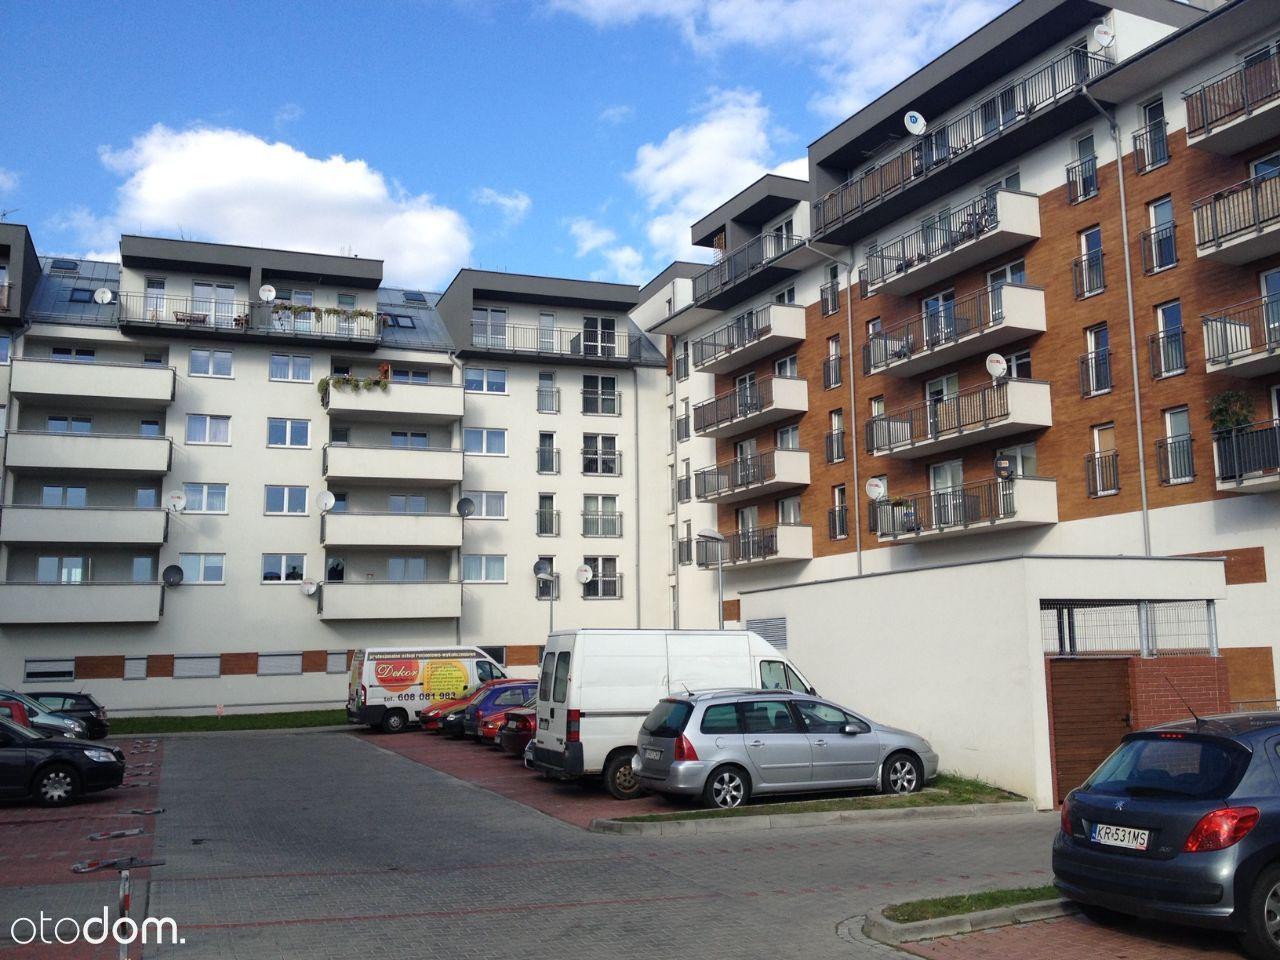 Sprzedac Mieszkanie po odnowieniu NOWE WYP0SAZENIE